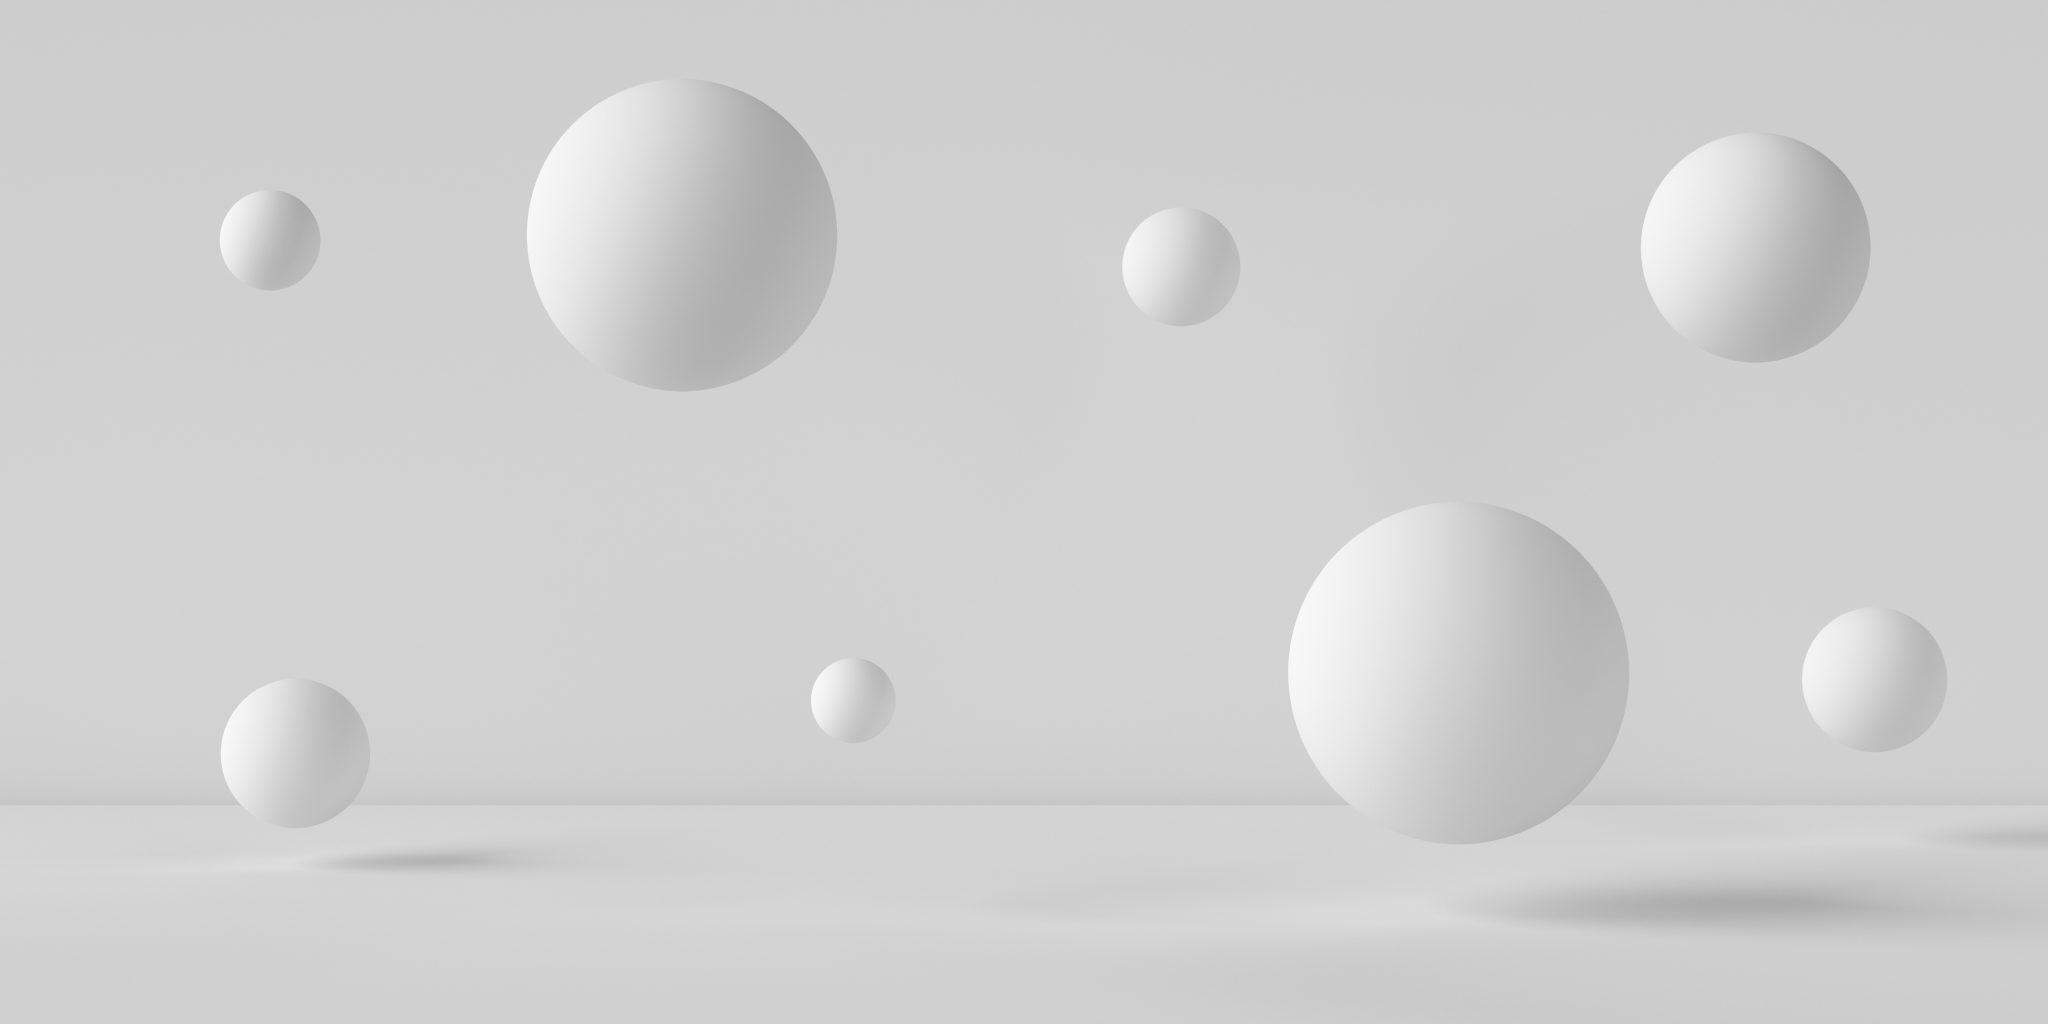 Image de sphères 3D blanches de formes différentes